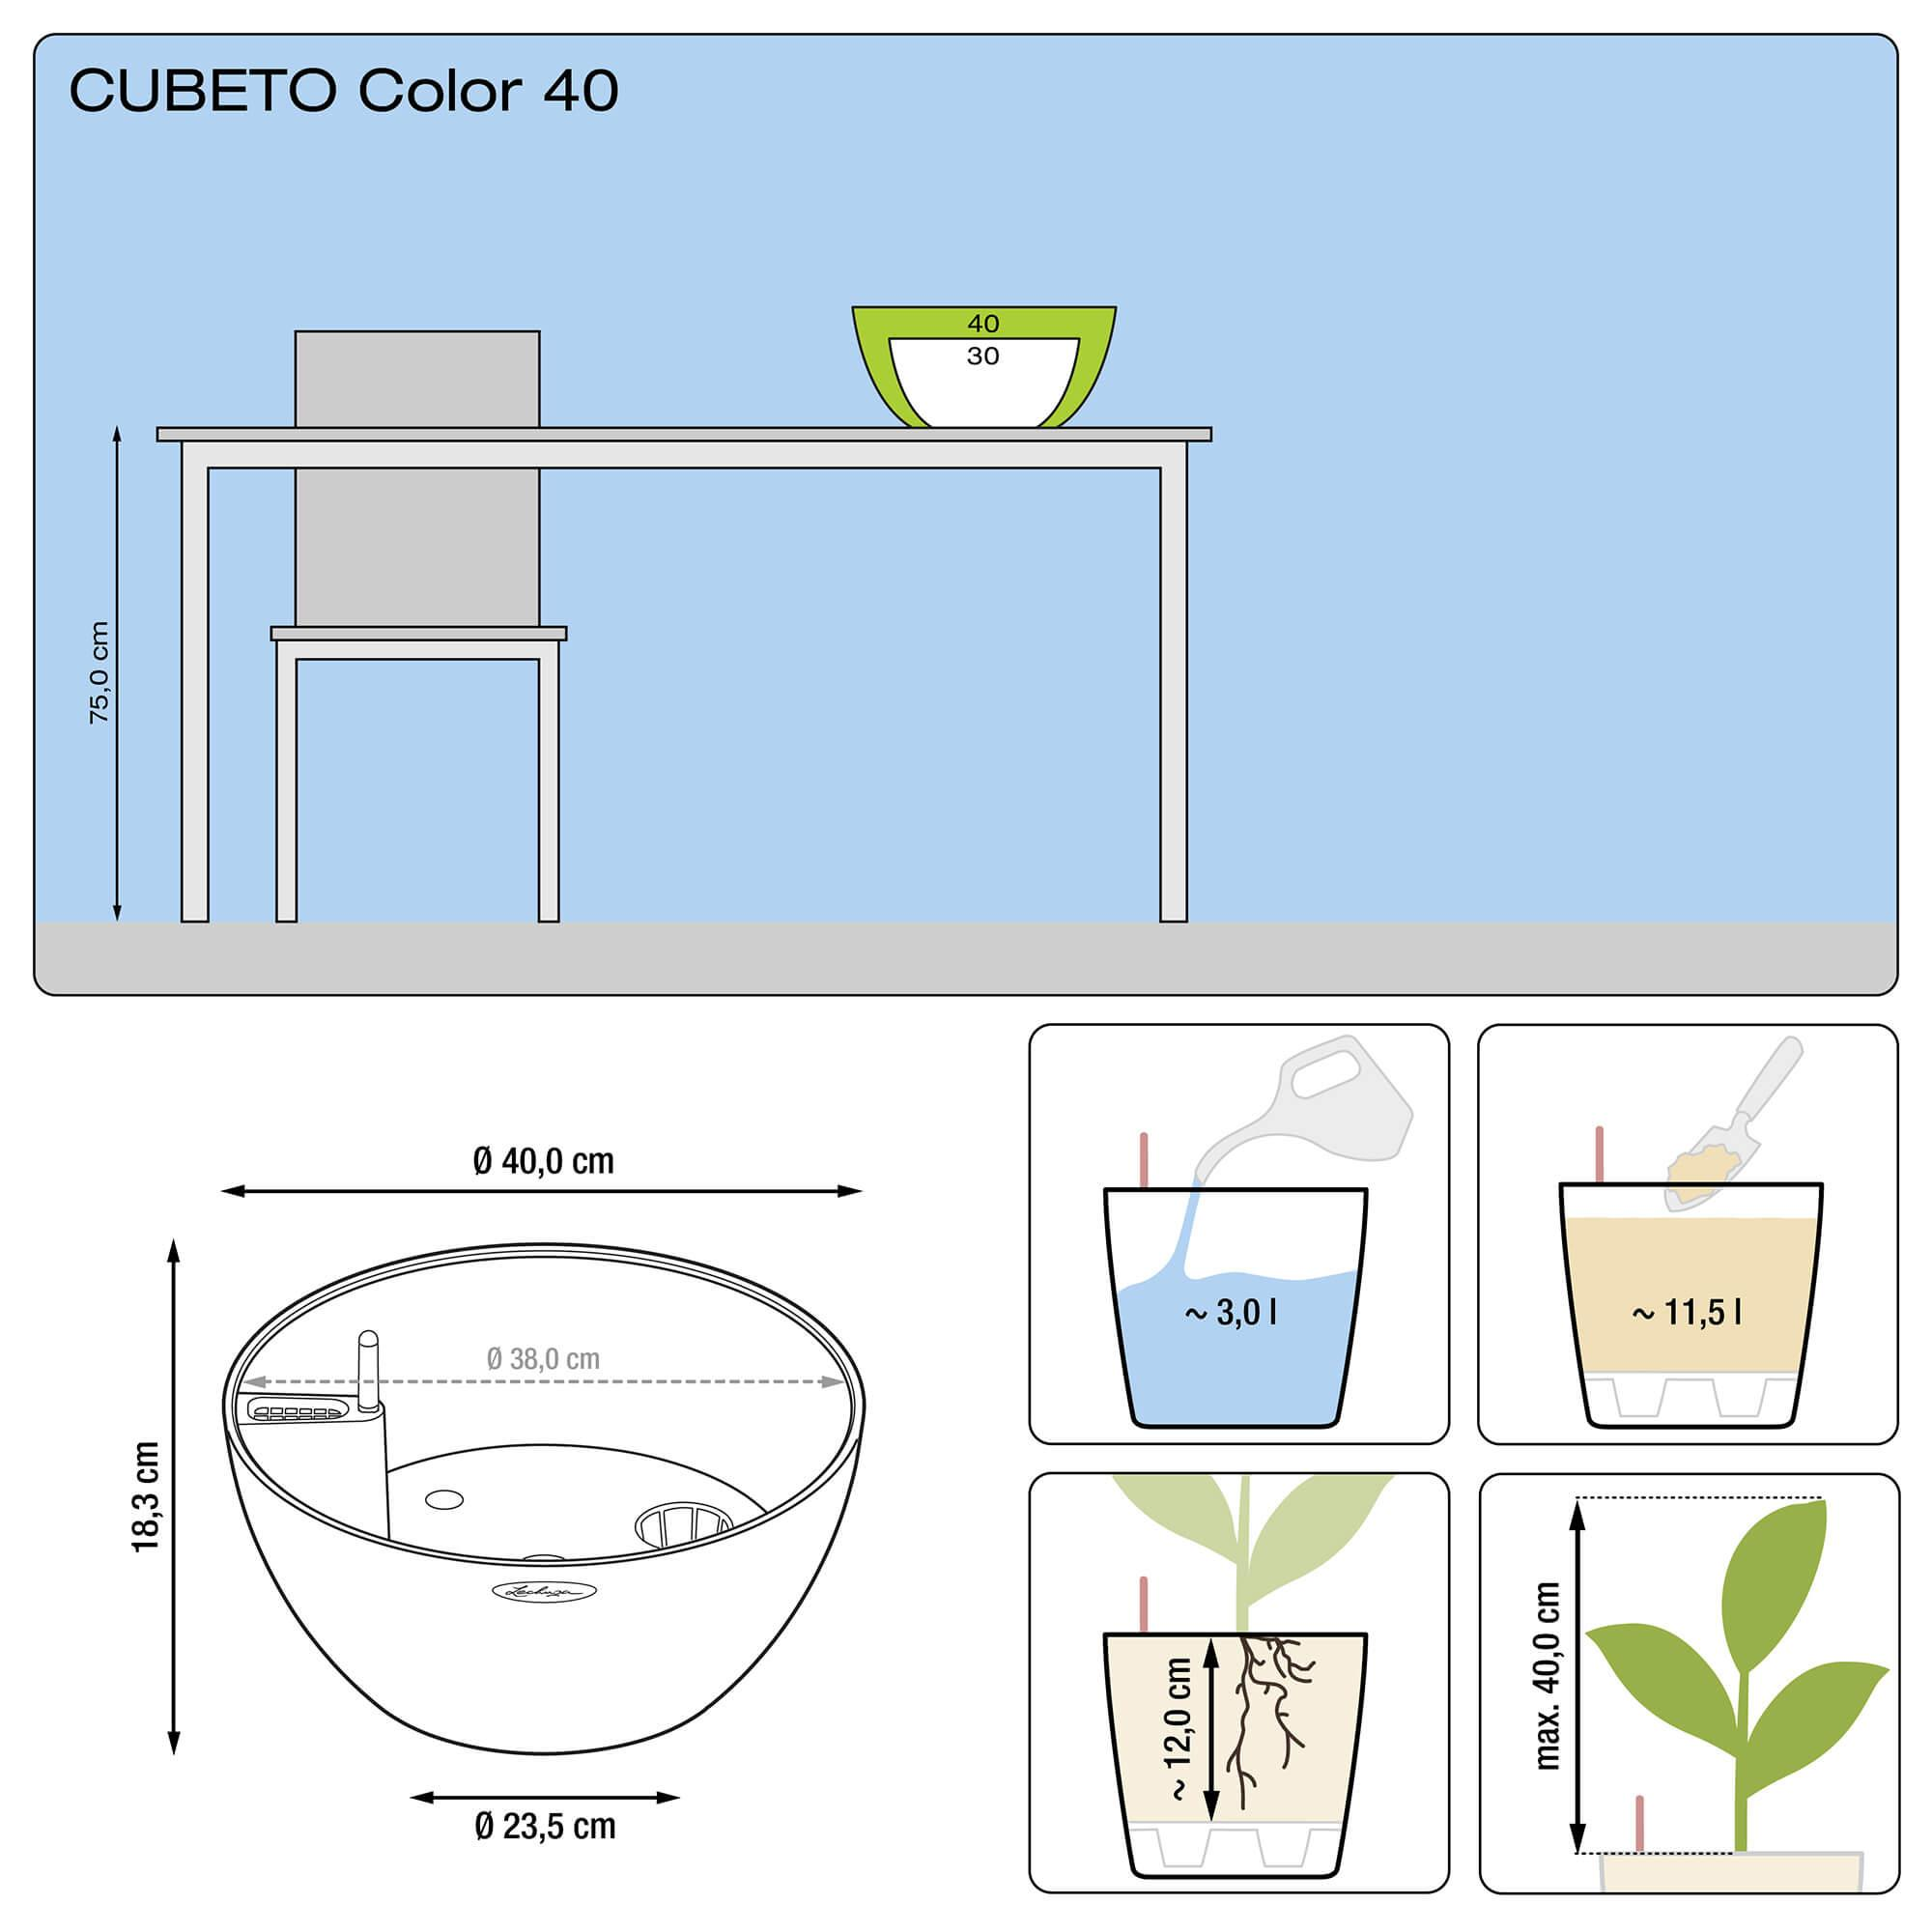 le_cubeto-color40_product_addi_nz